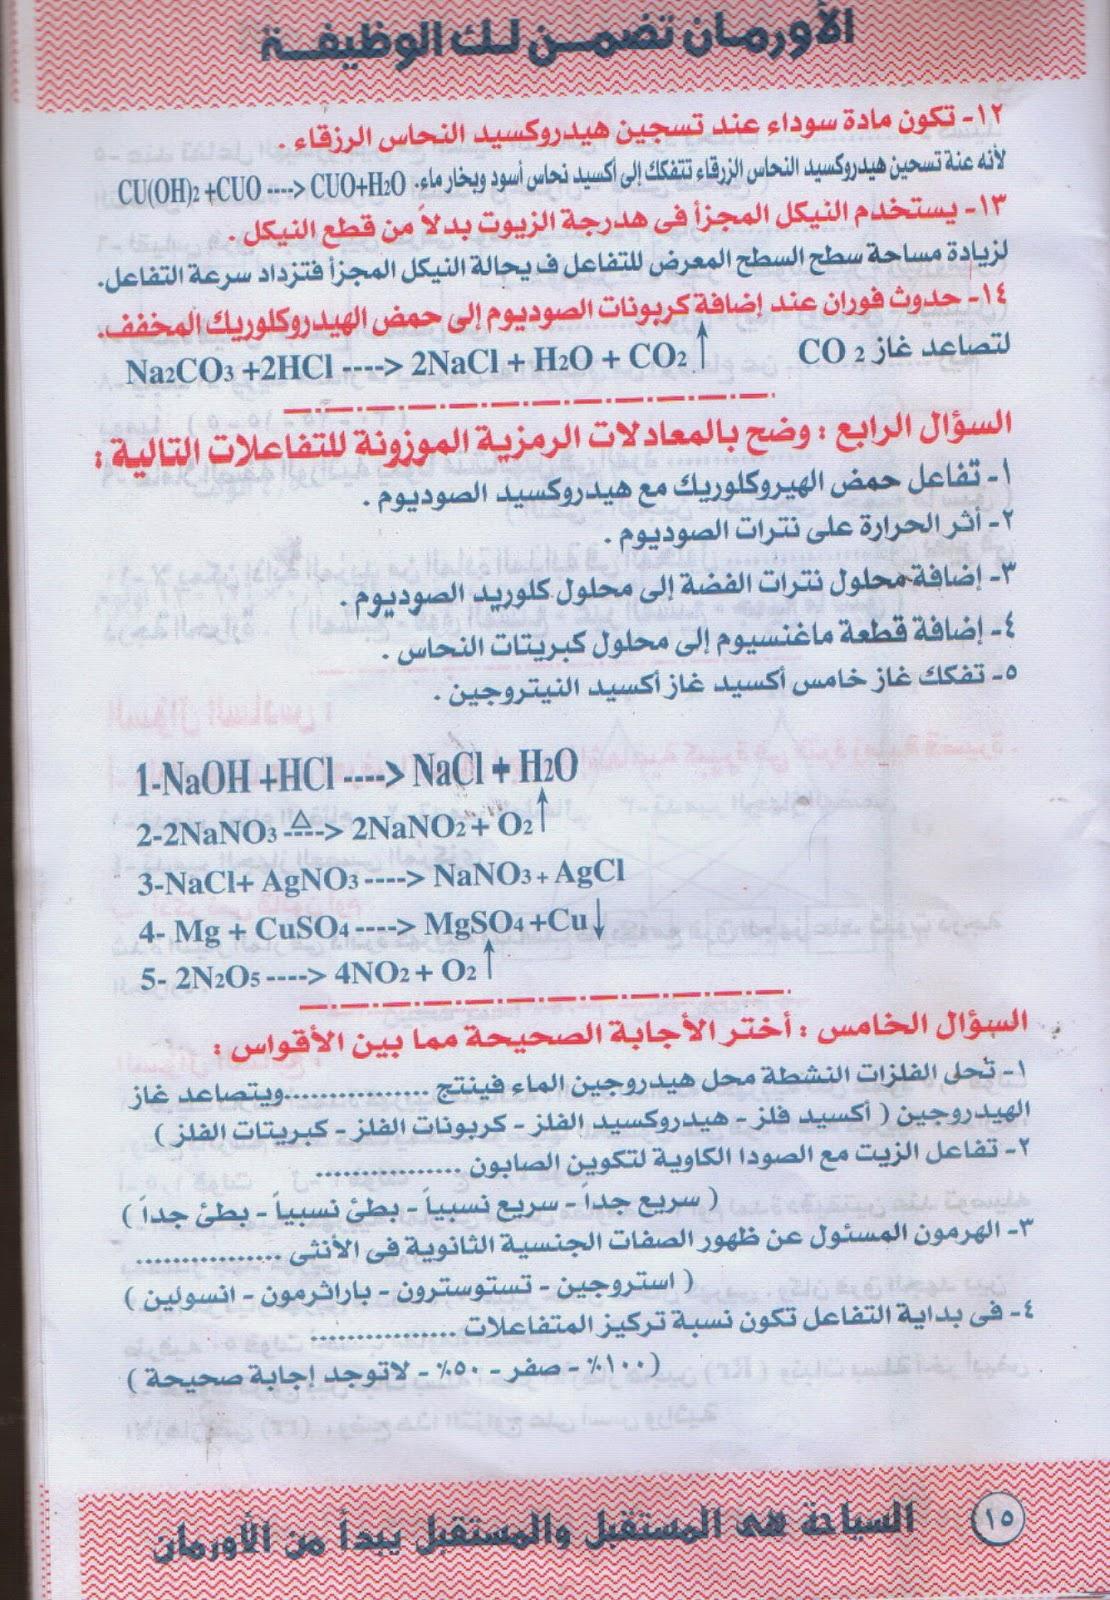 مراجعة علوم ترم 2 الثالث الإعدادى 4.jpg